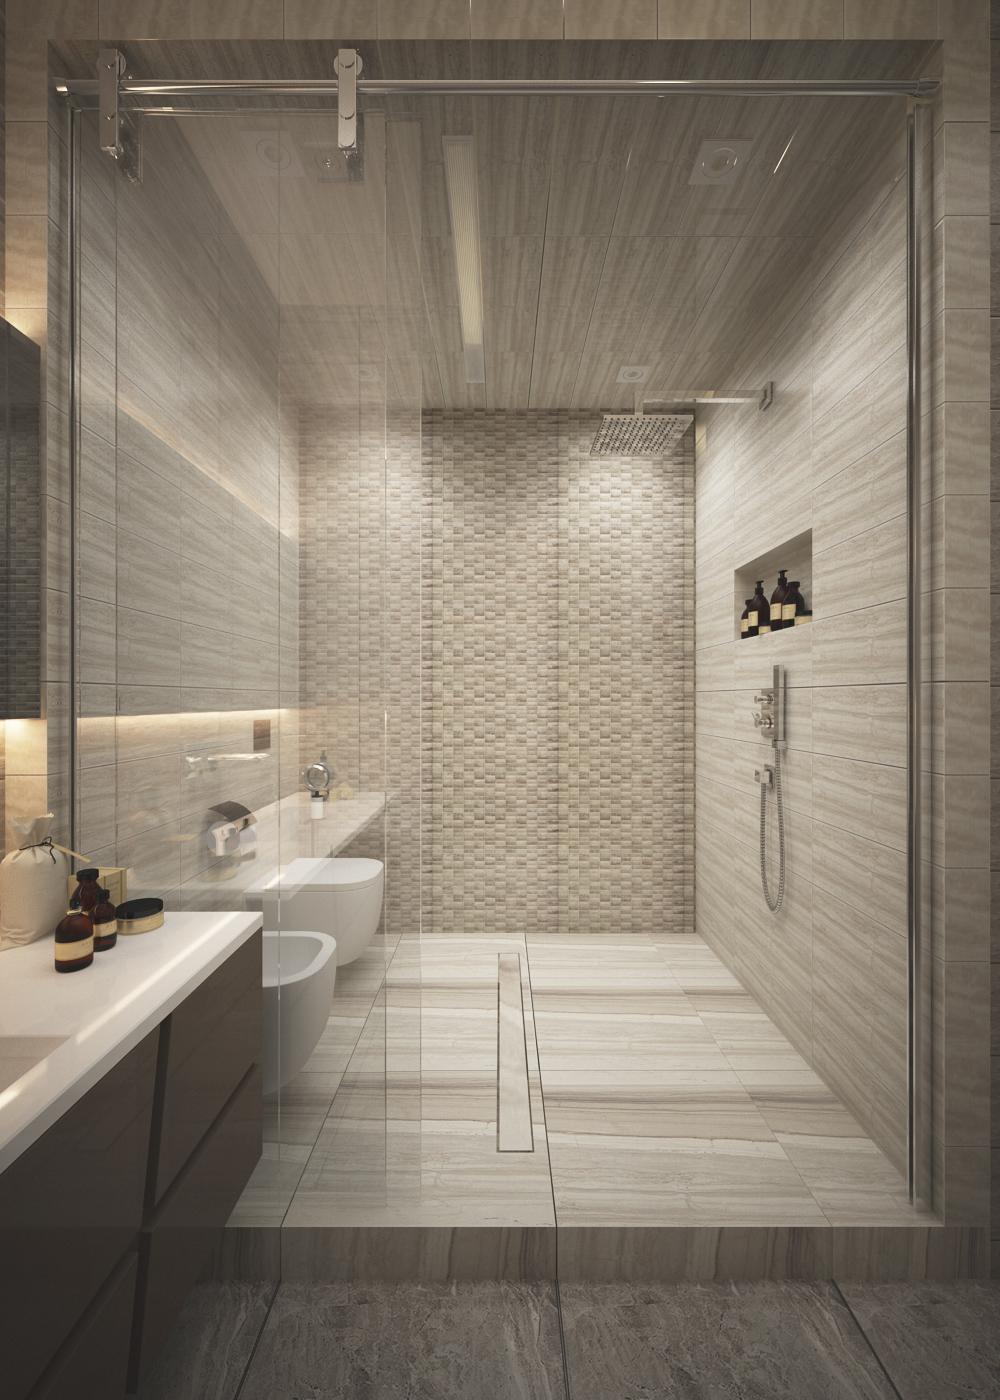 11_1_floor_bathroom 1_view 2.jpg